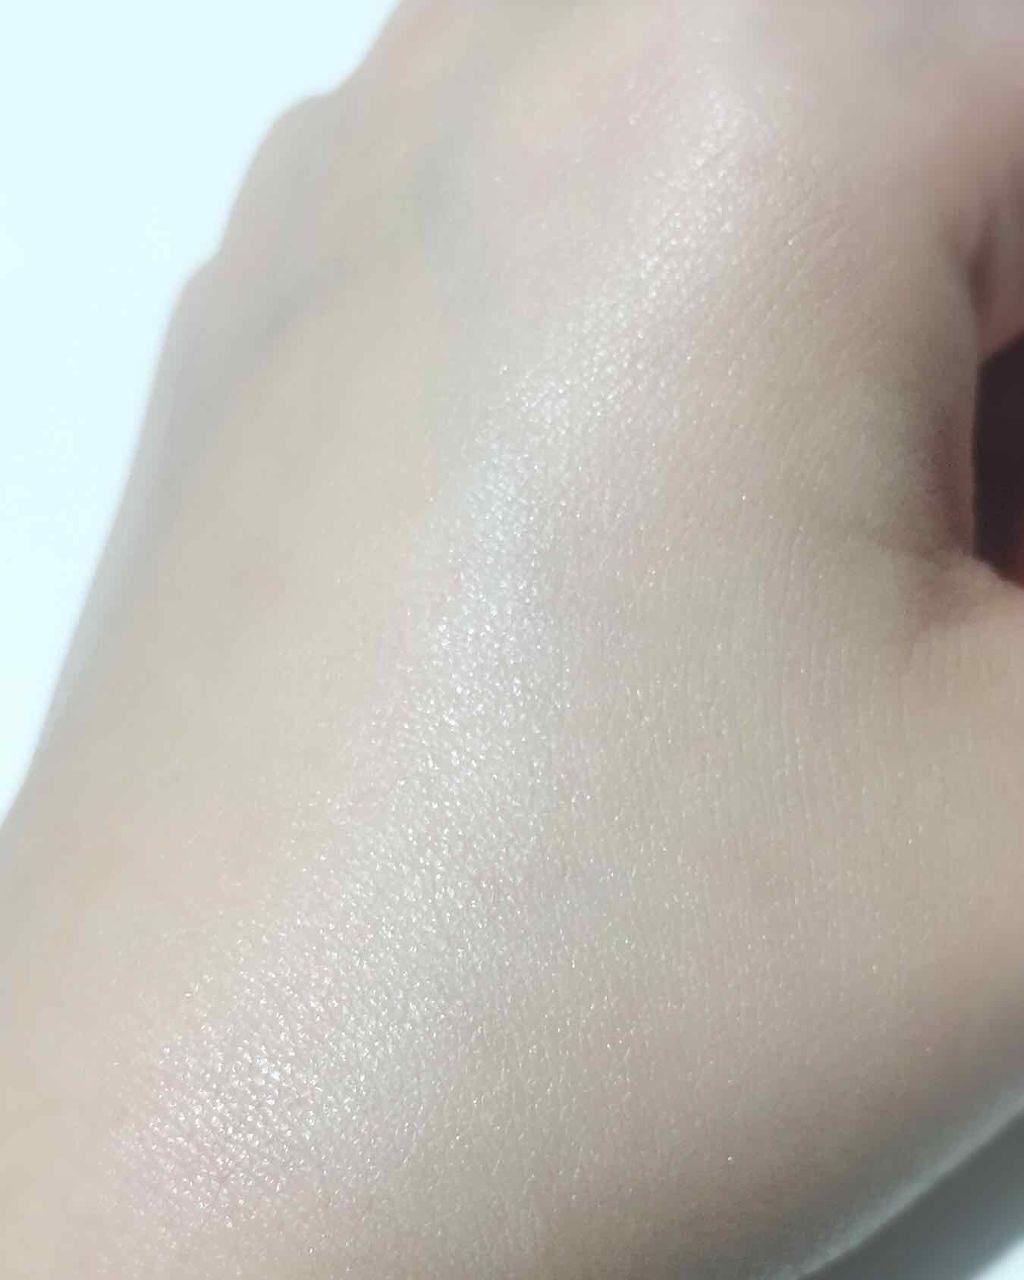 「うるんとナチュラルツヤ肌に|ツヤ肌の作り方&ツヤ系発光下地のおすすめ10選を紹介!」の画像(#120044)